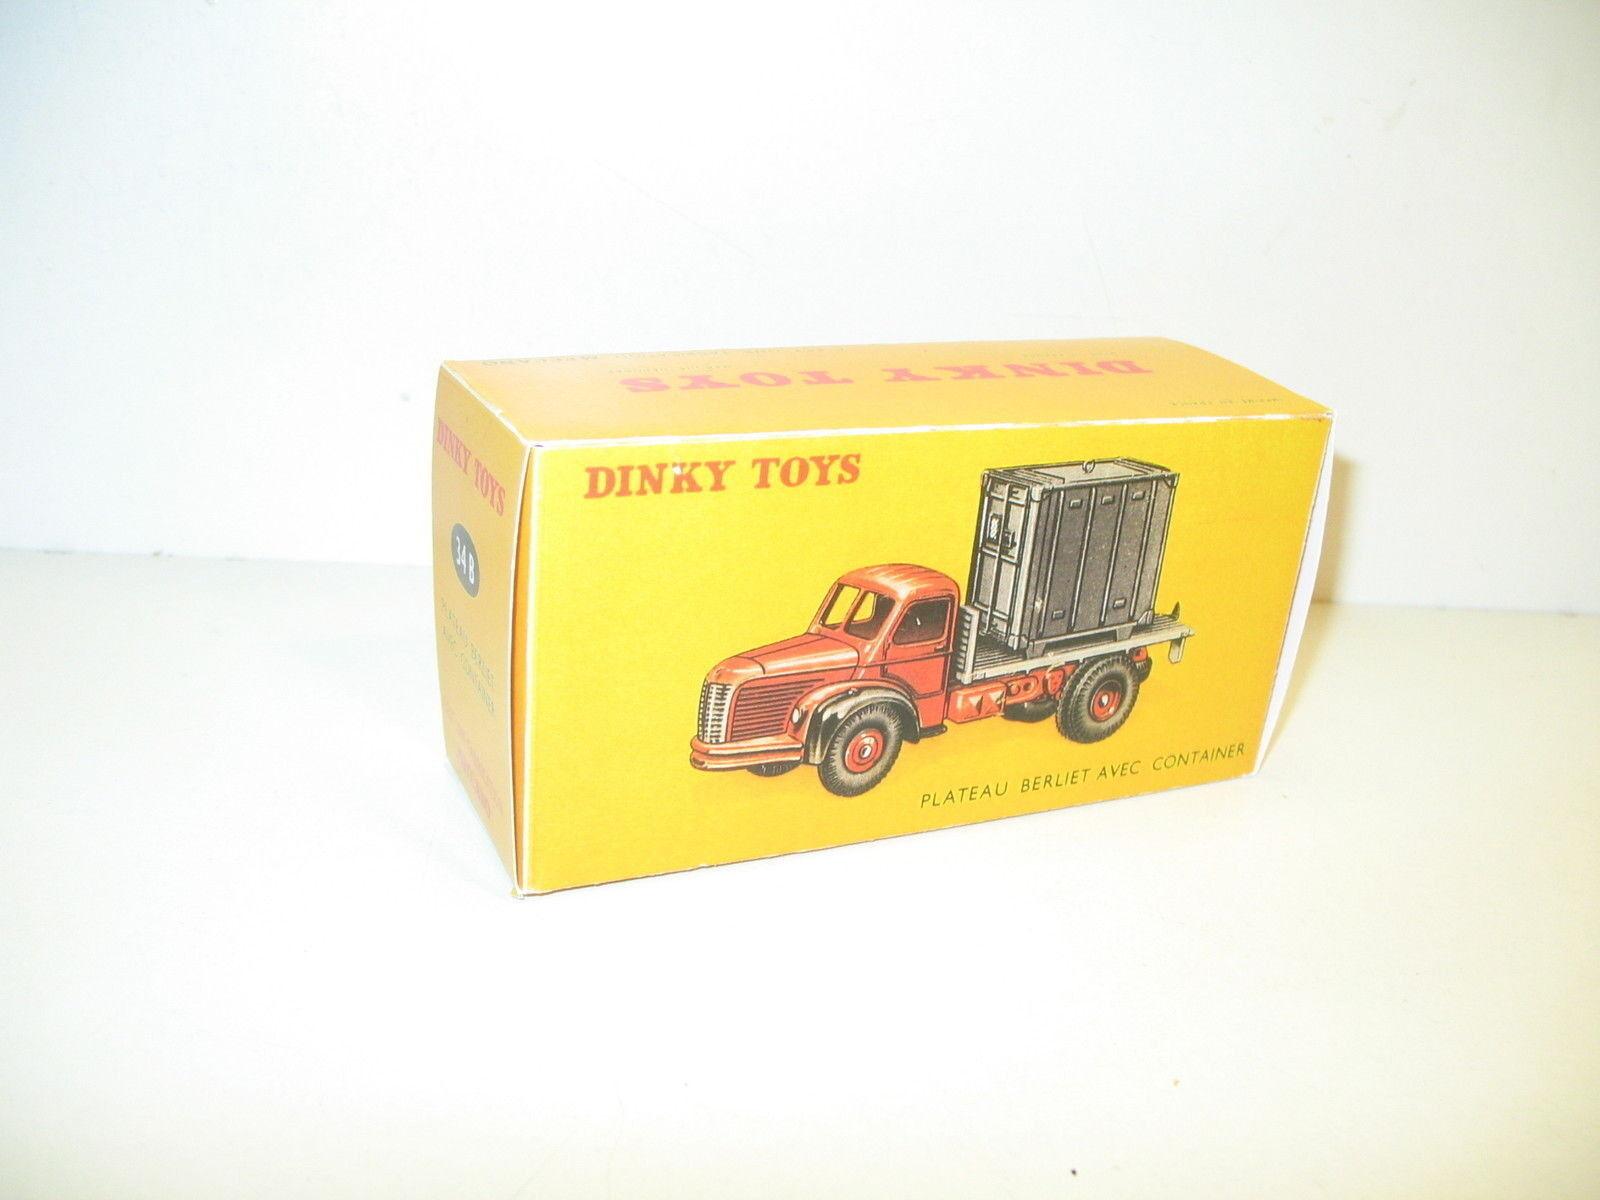 N44, Scatola berliet altopiano porta contenitore, repro dinky toys rif. 34B